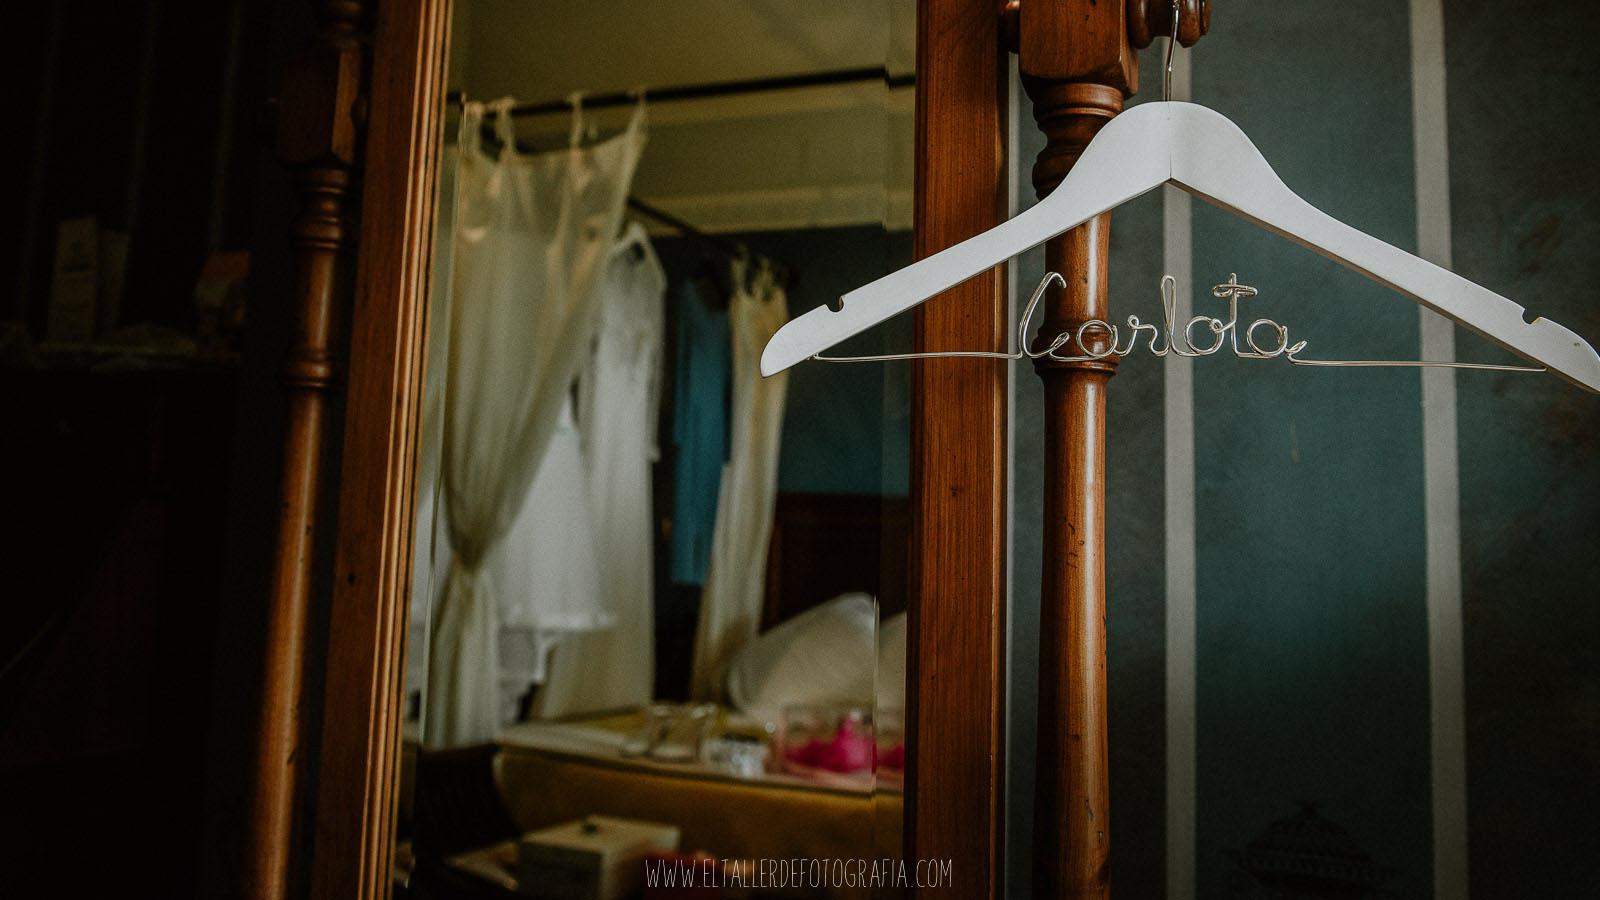 Detalle de la percha de la novia con su nombre